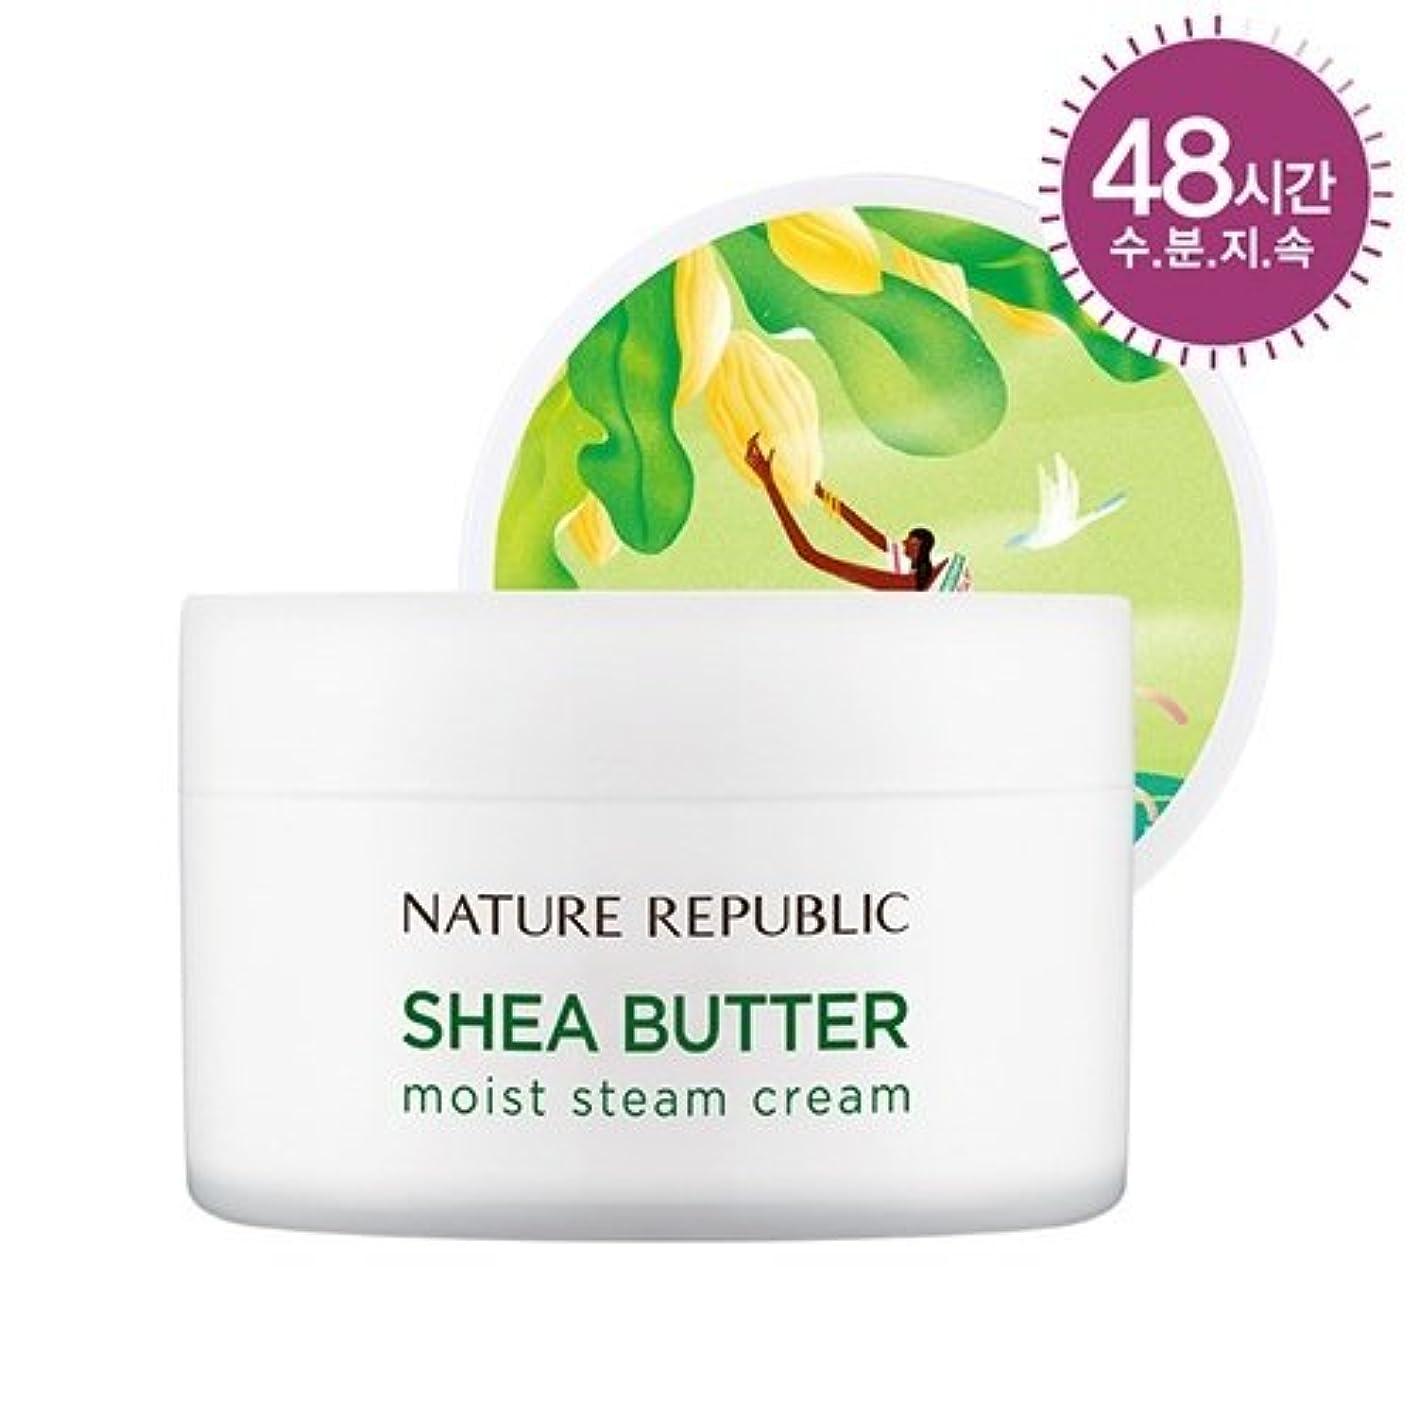 農夫小人メンタルNATURE REPUBLIC(ネイチャーリパブリック) SHEA BUTTER STEAM CREAM シアバター スチーム クリーム #モイスト乾燥肌